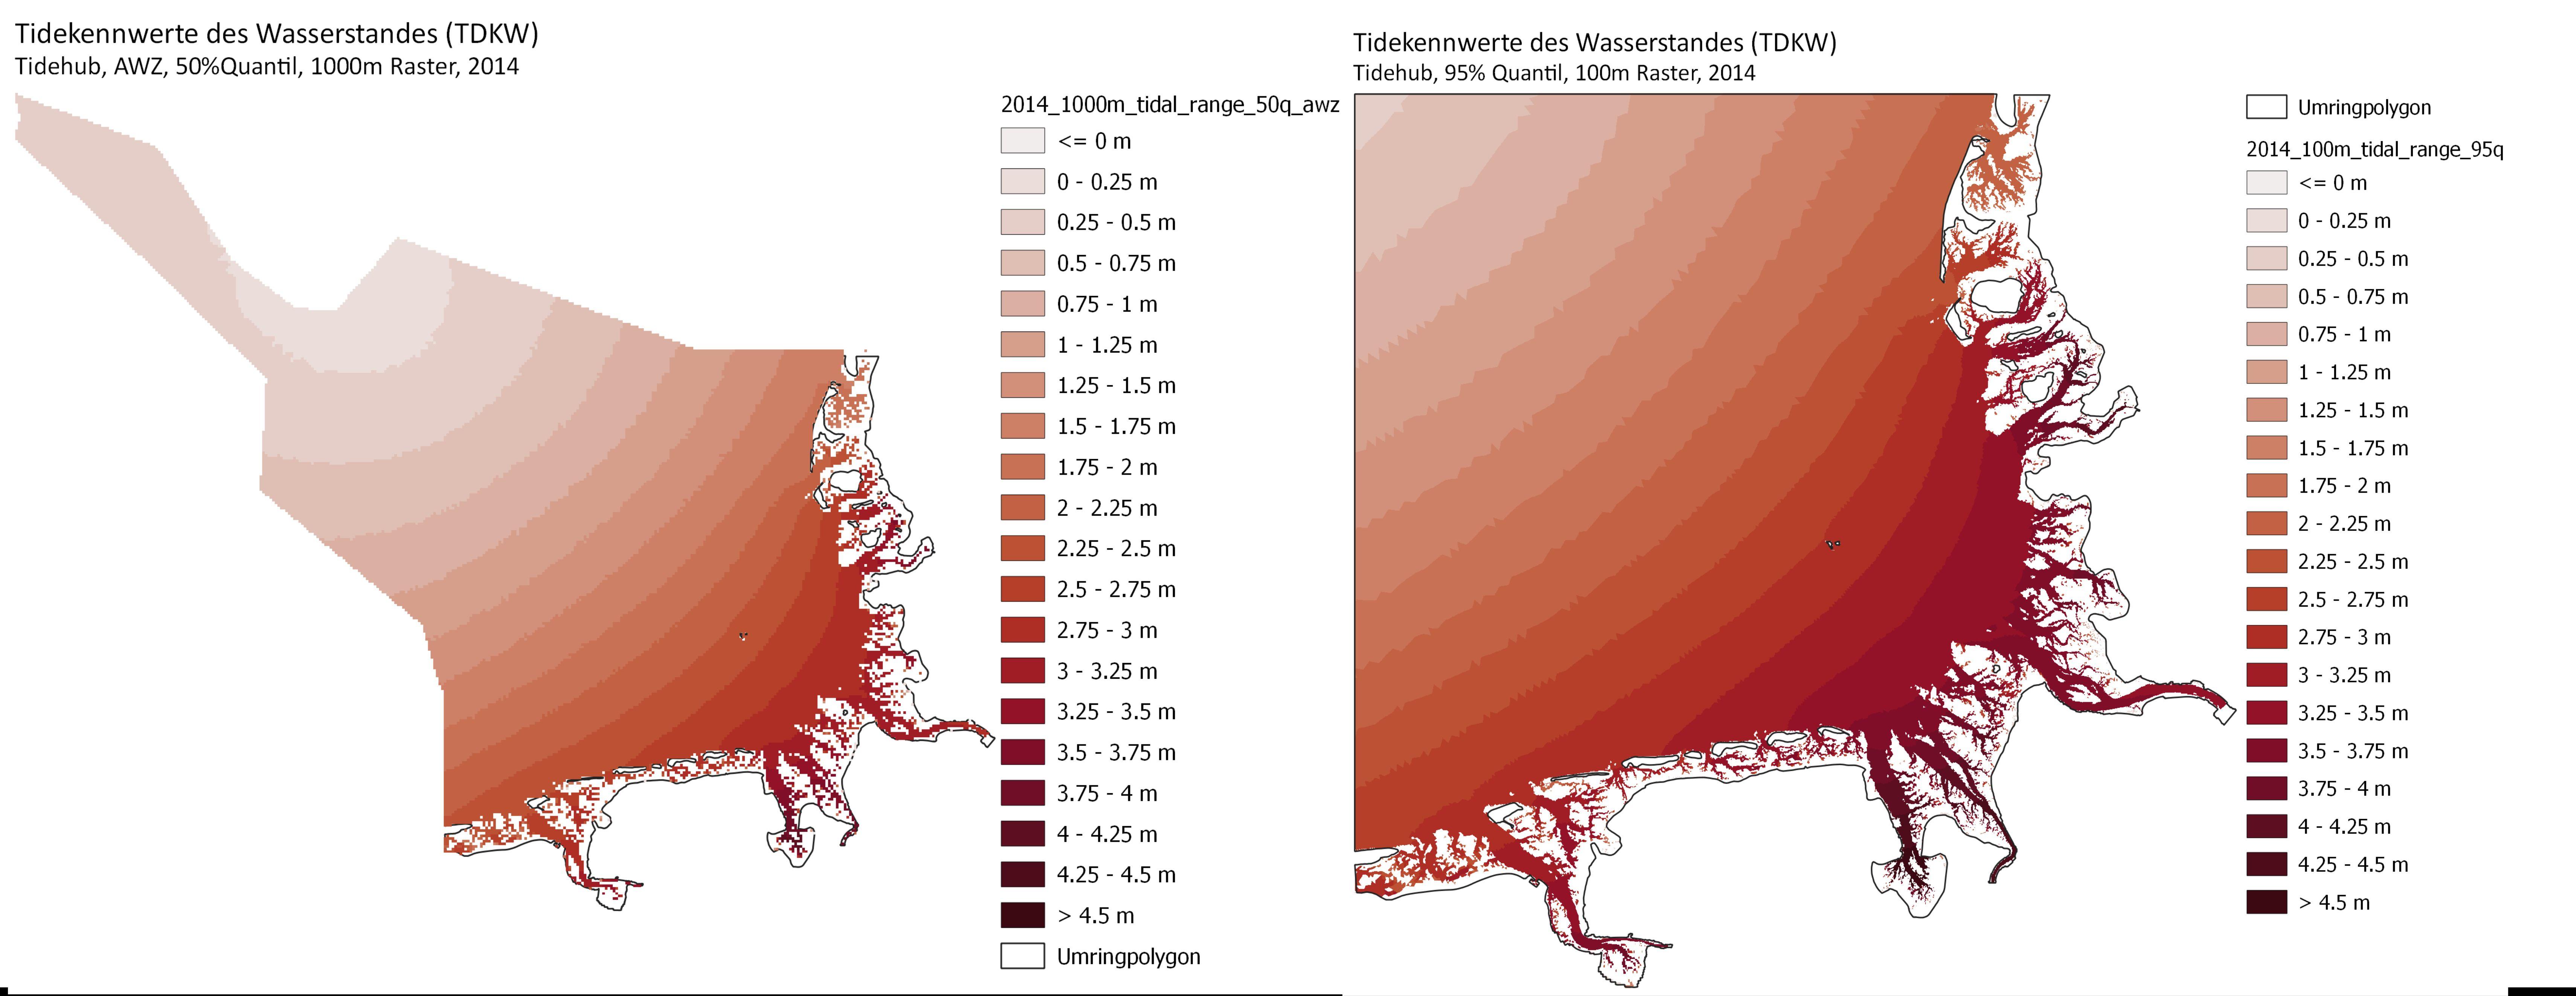 Beispiel: Tidehub für die Ausschließliche Wirtschaftszone (Quantil 50%) und die Deutsche Bucht (Quantil 95%), Jahr 2014